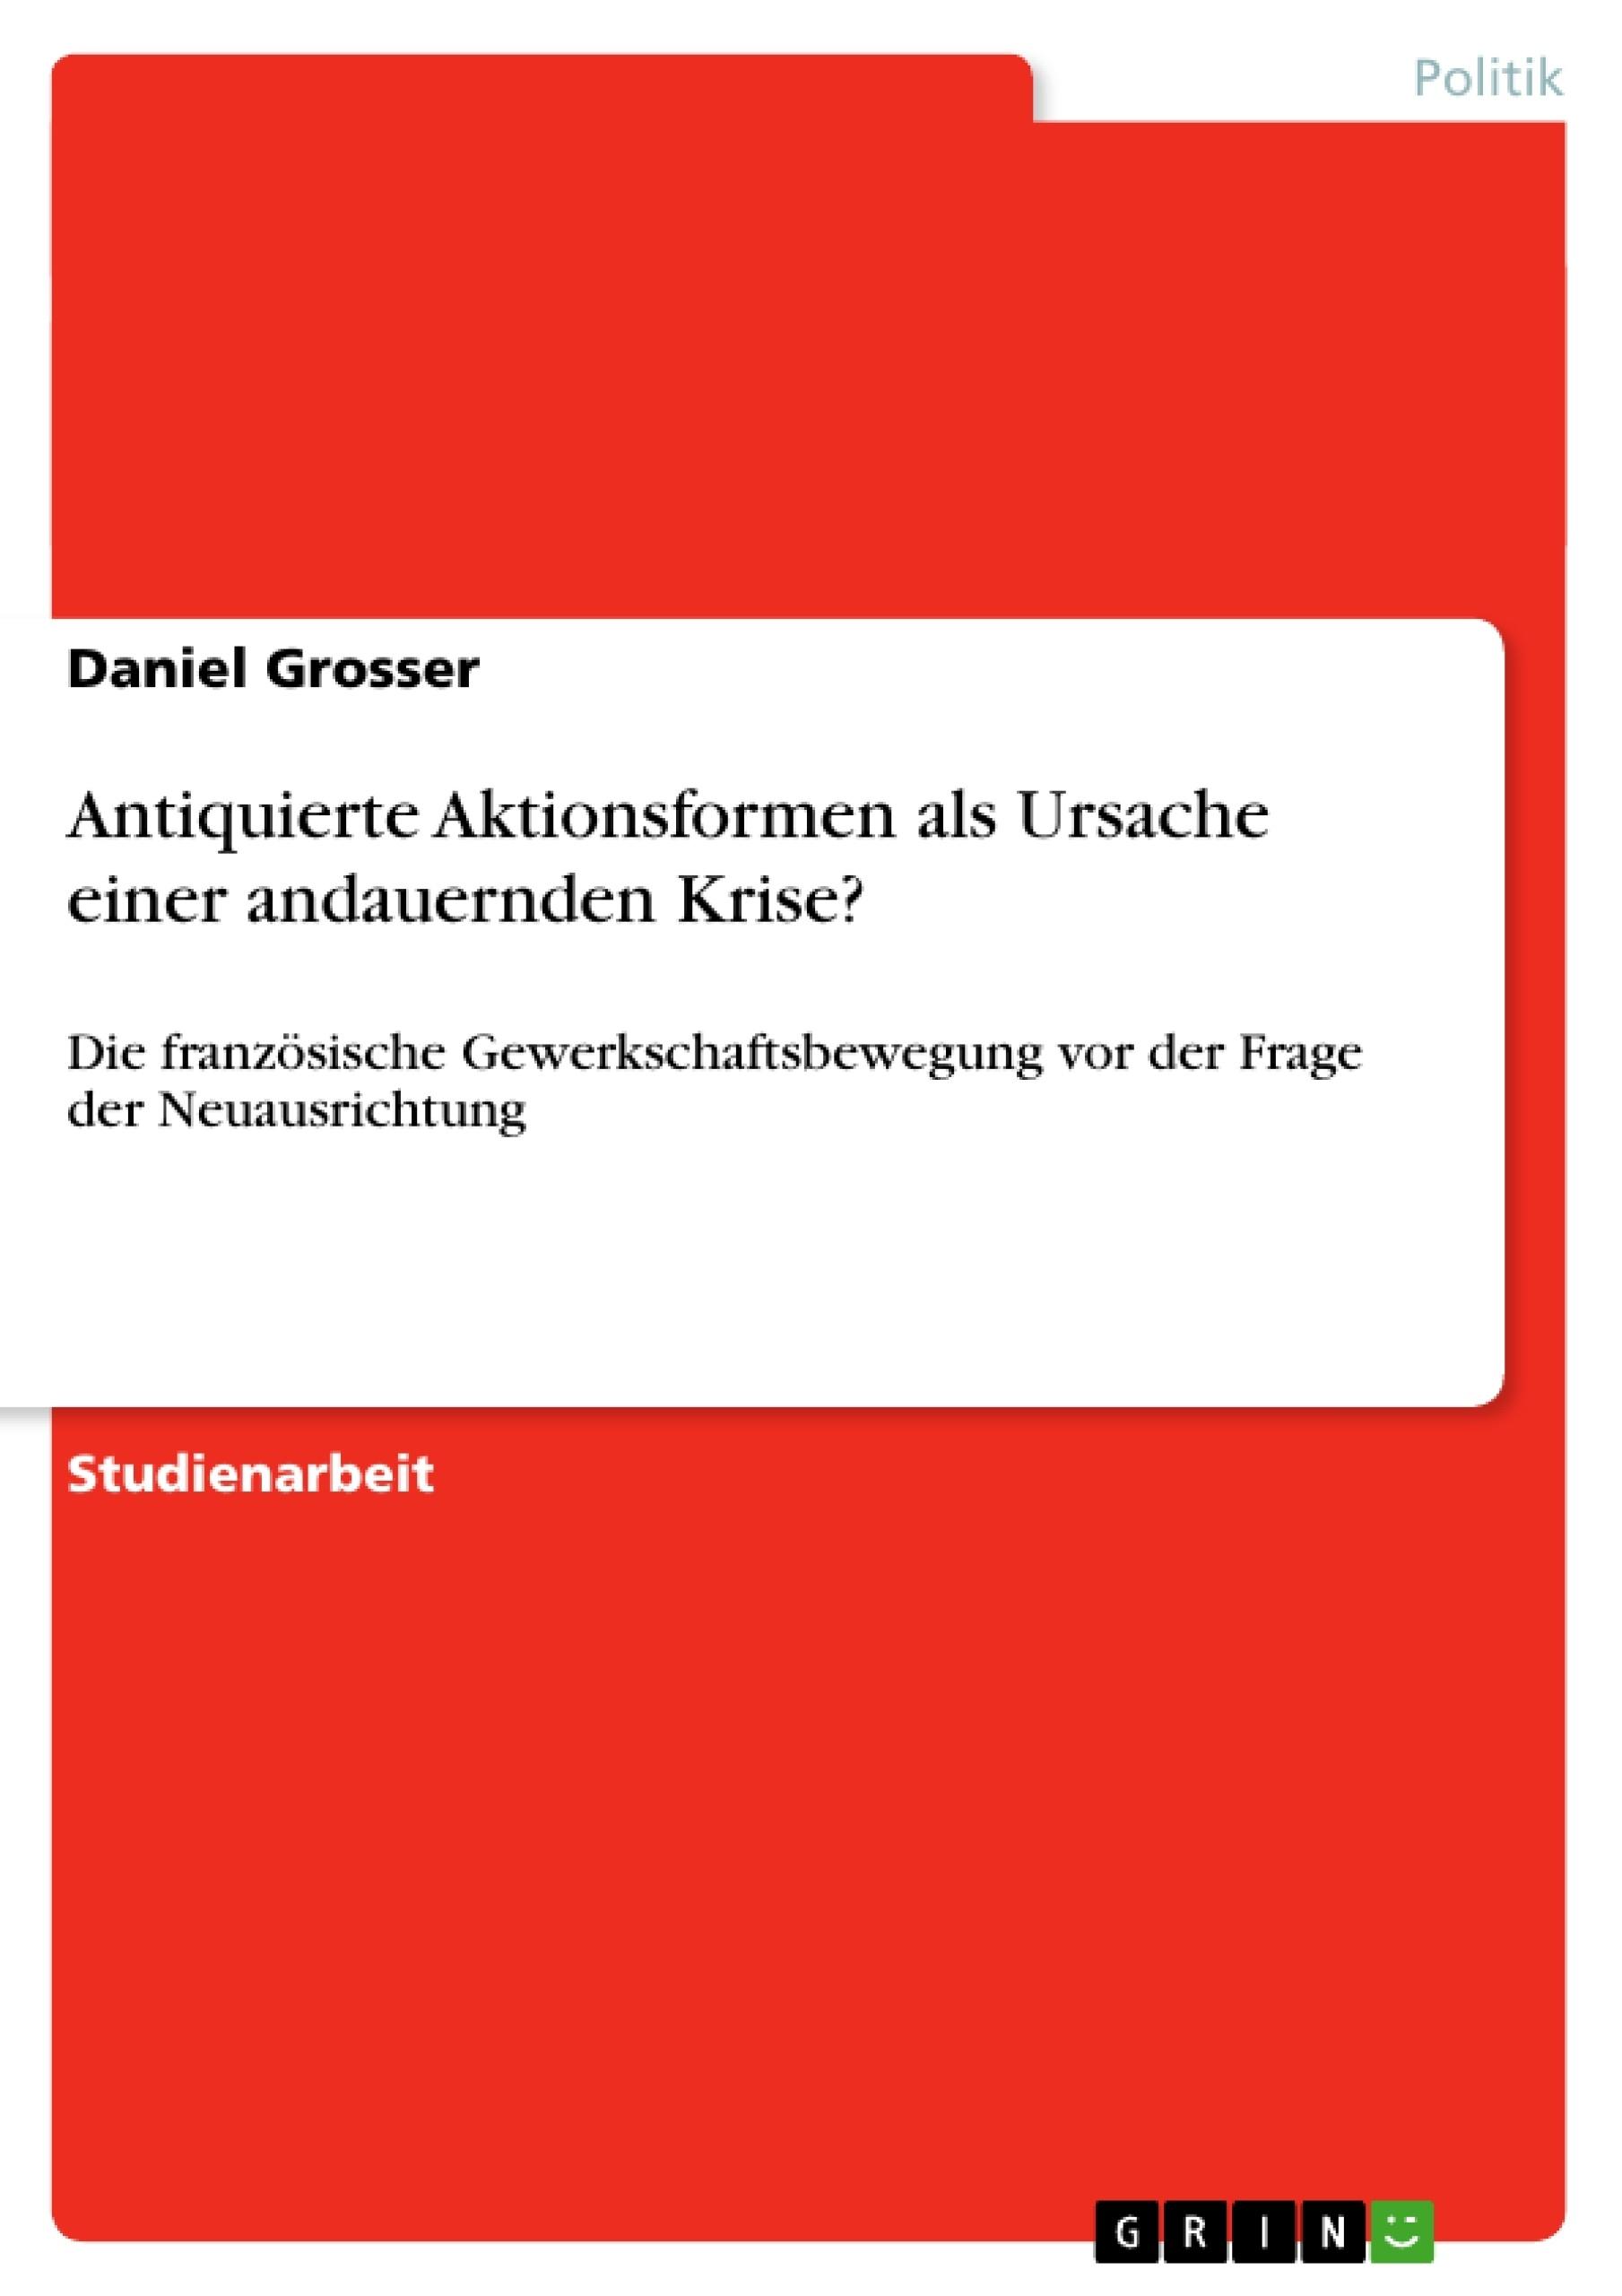 Titel: Antiquierte Aktionsformen als Ursache einer andauernden Krise?